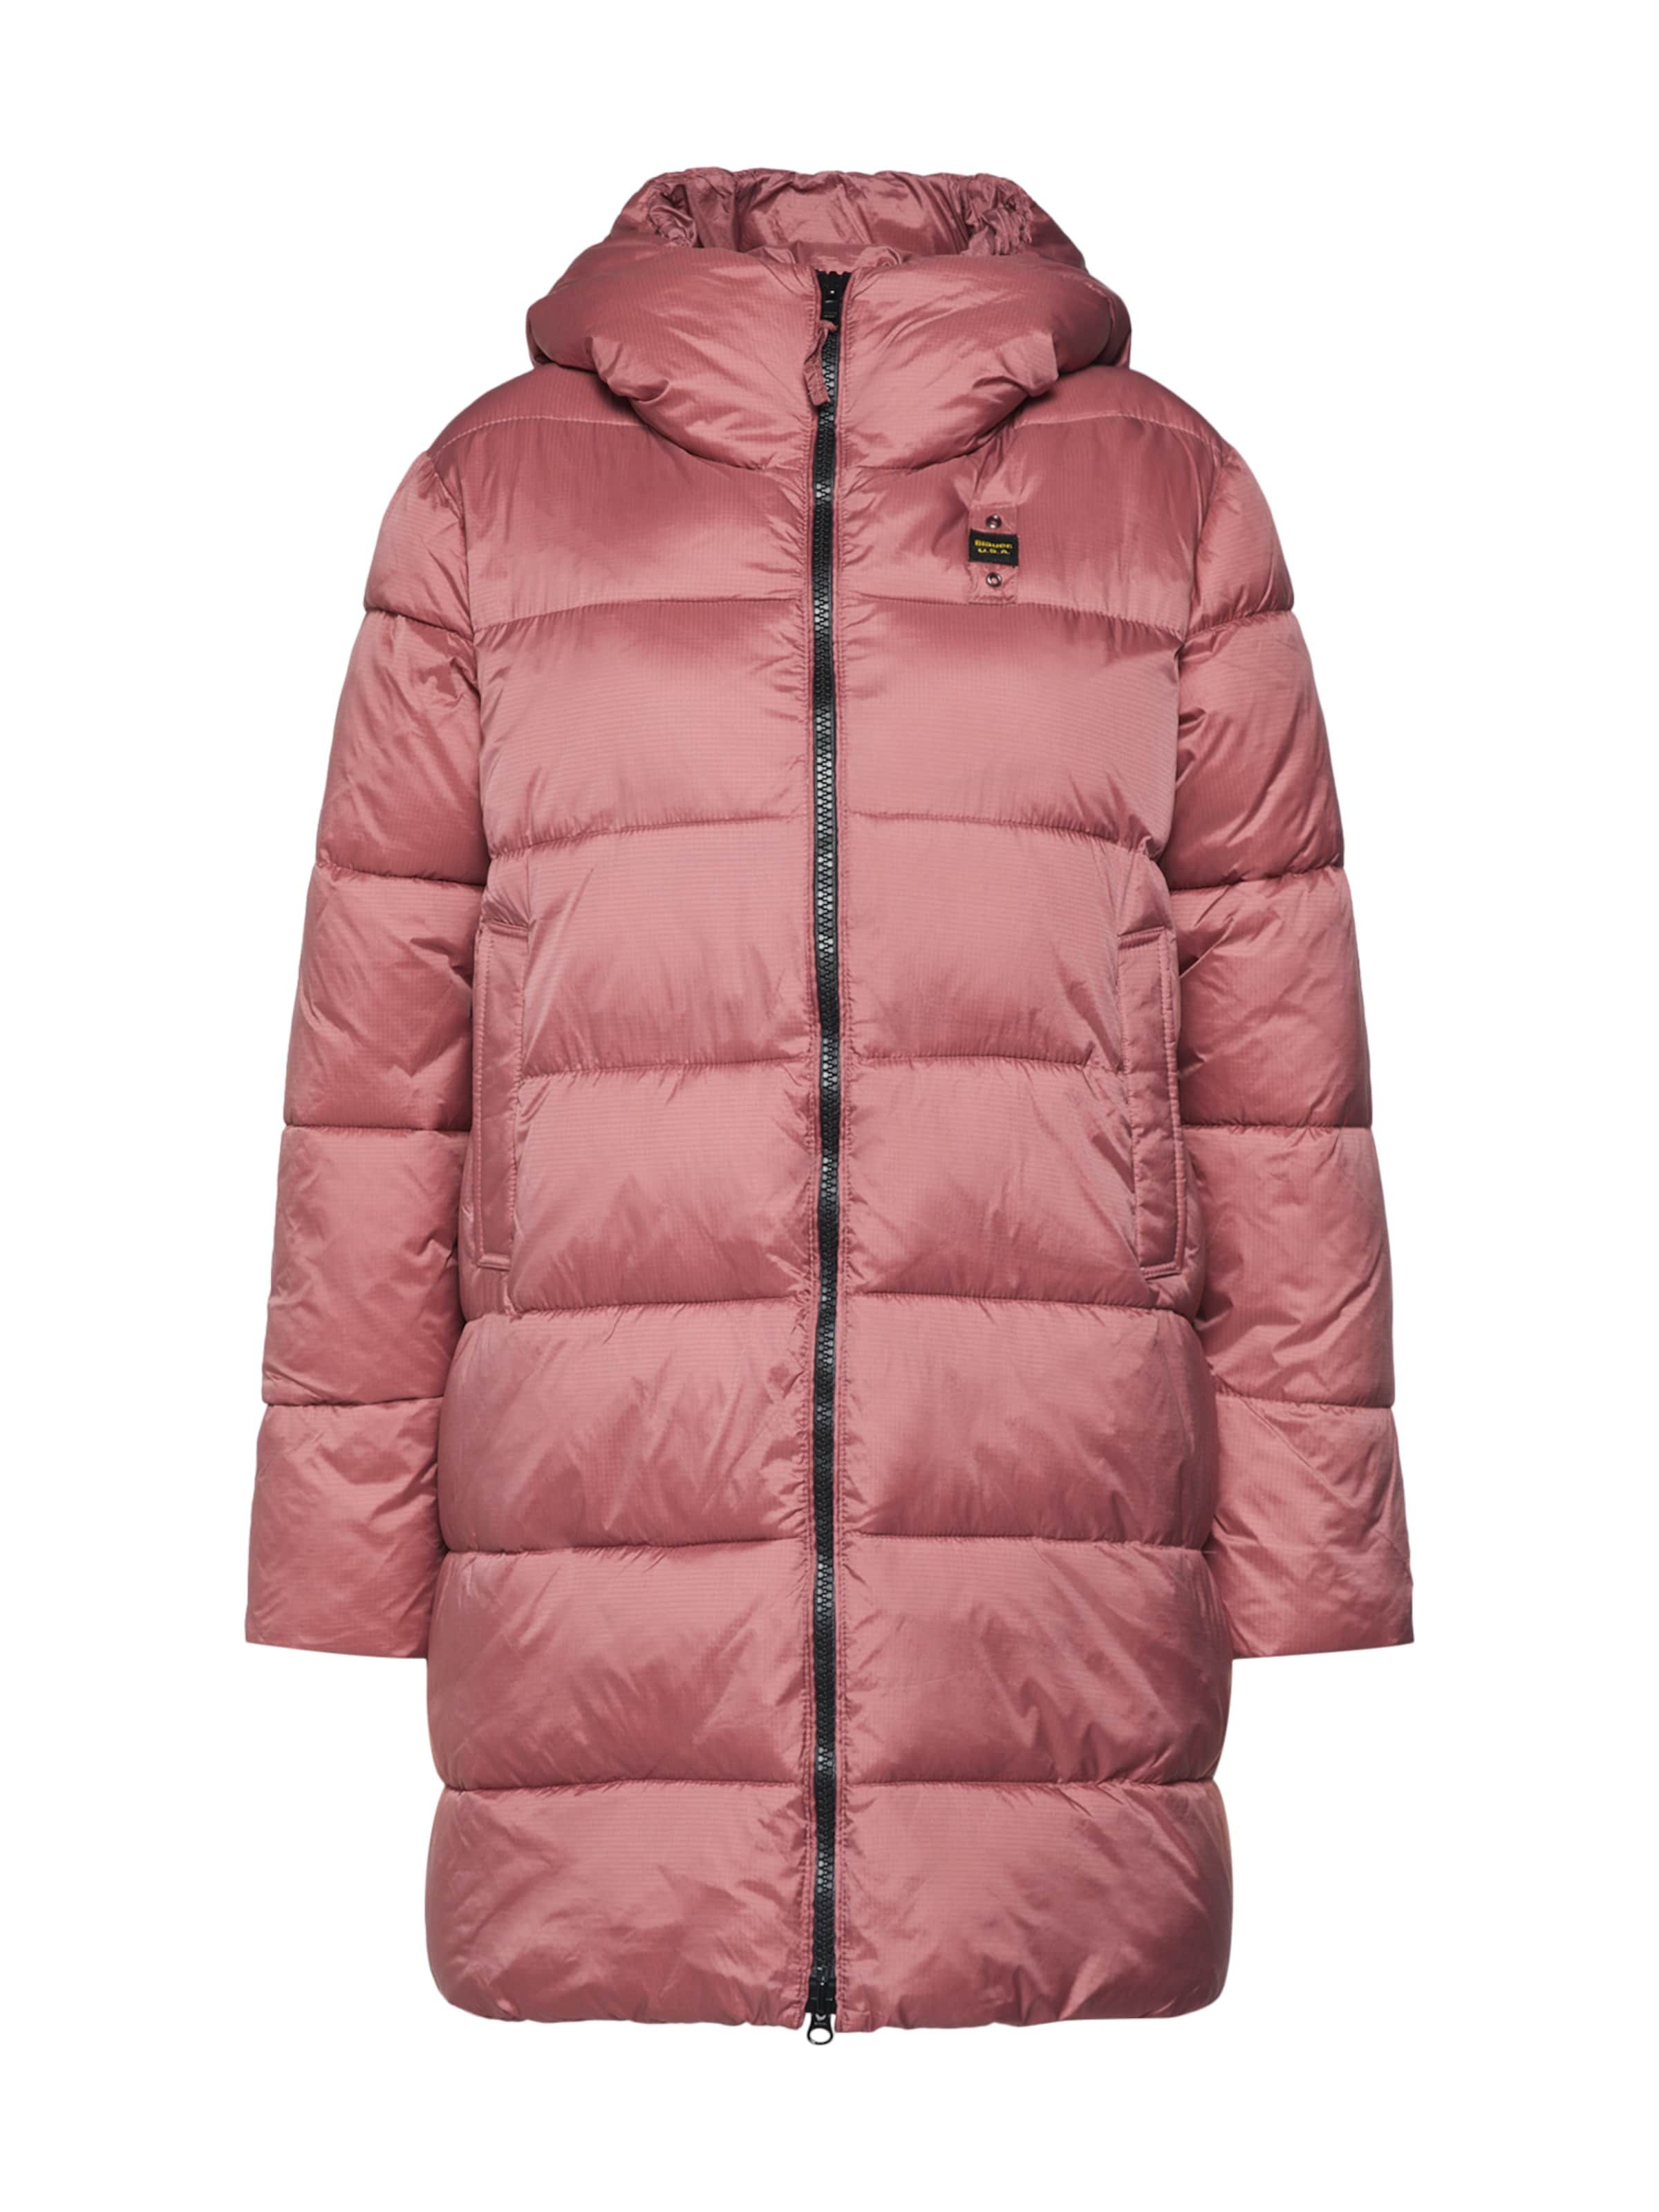 'impermeabile' Manteau Blauer D'hiver Rose usa En redCxBo